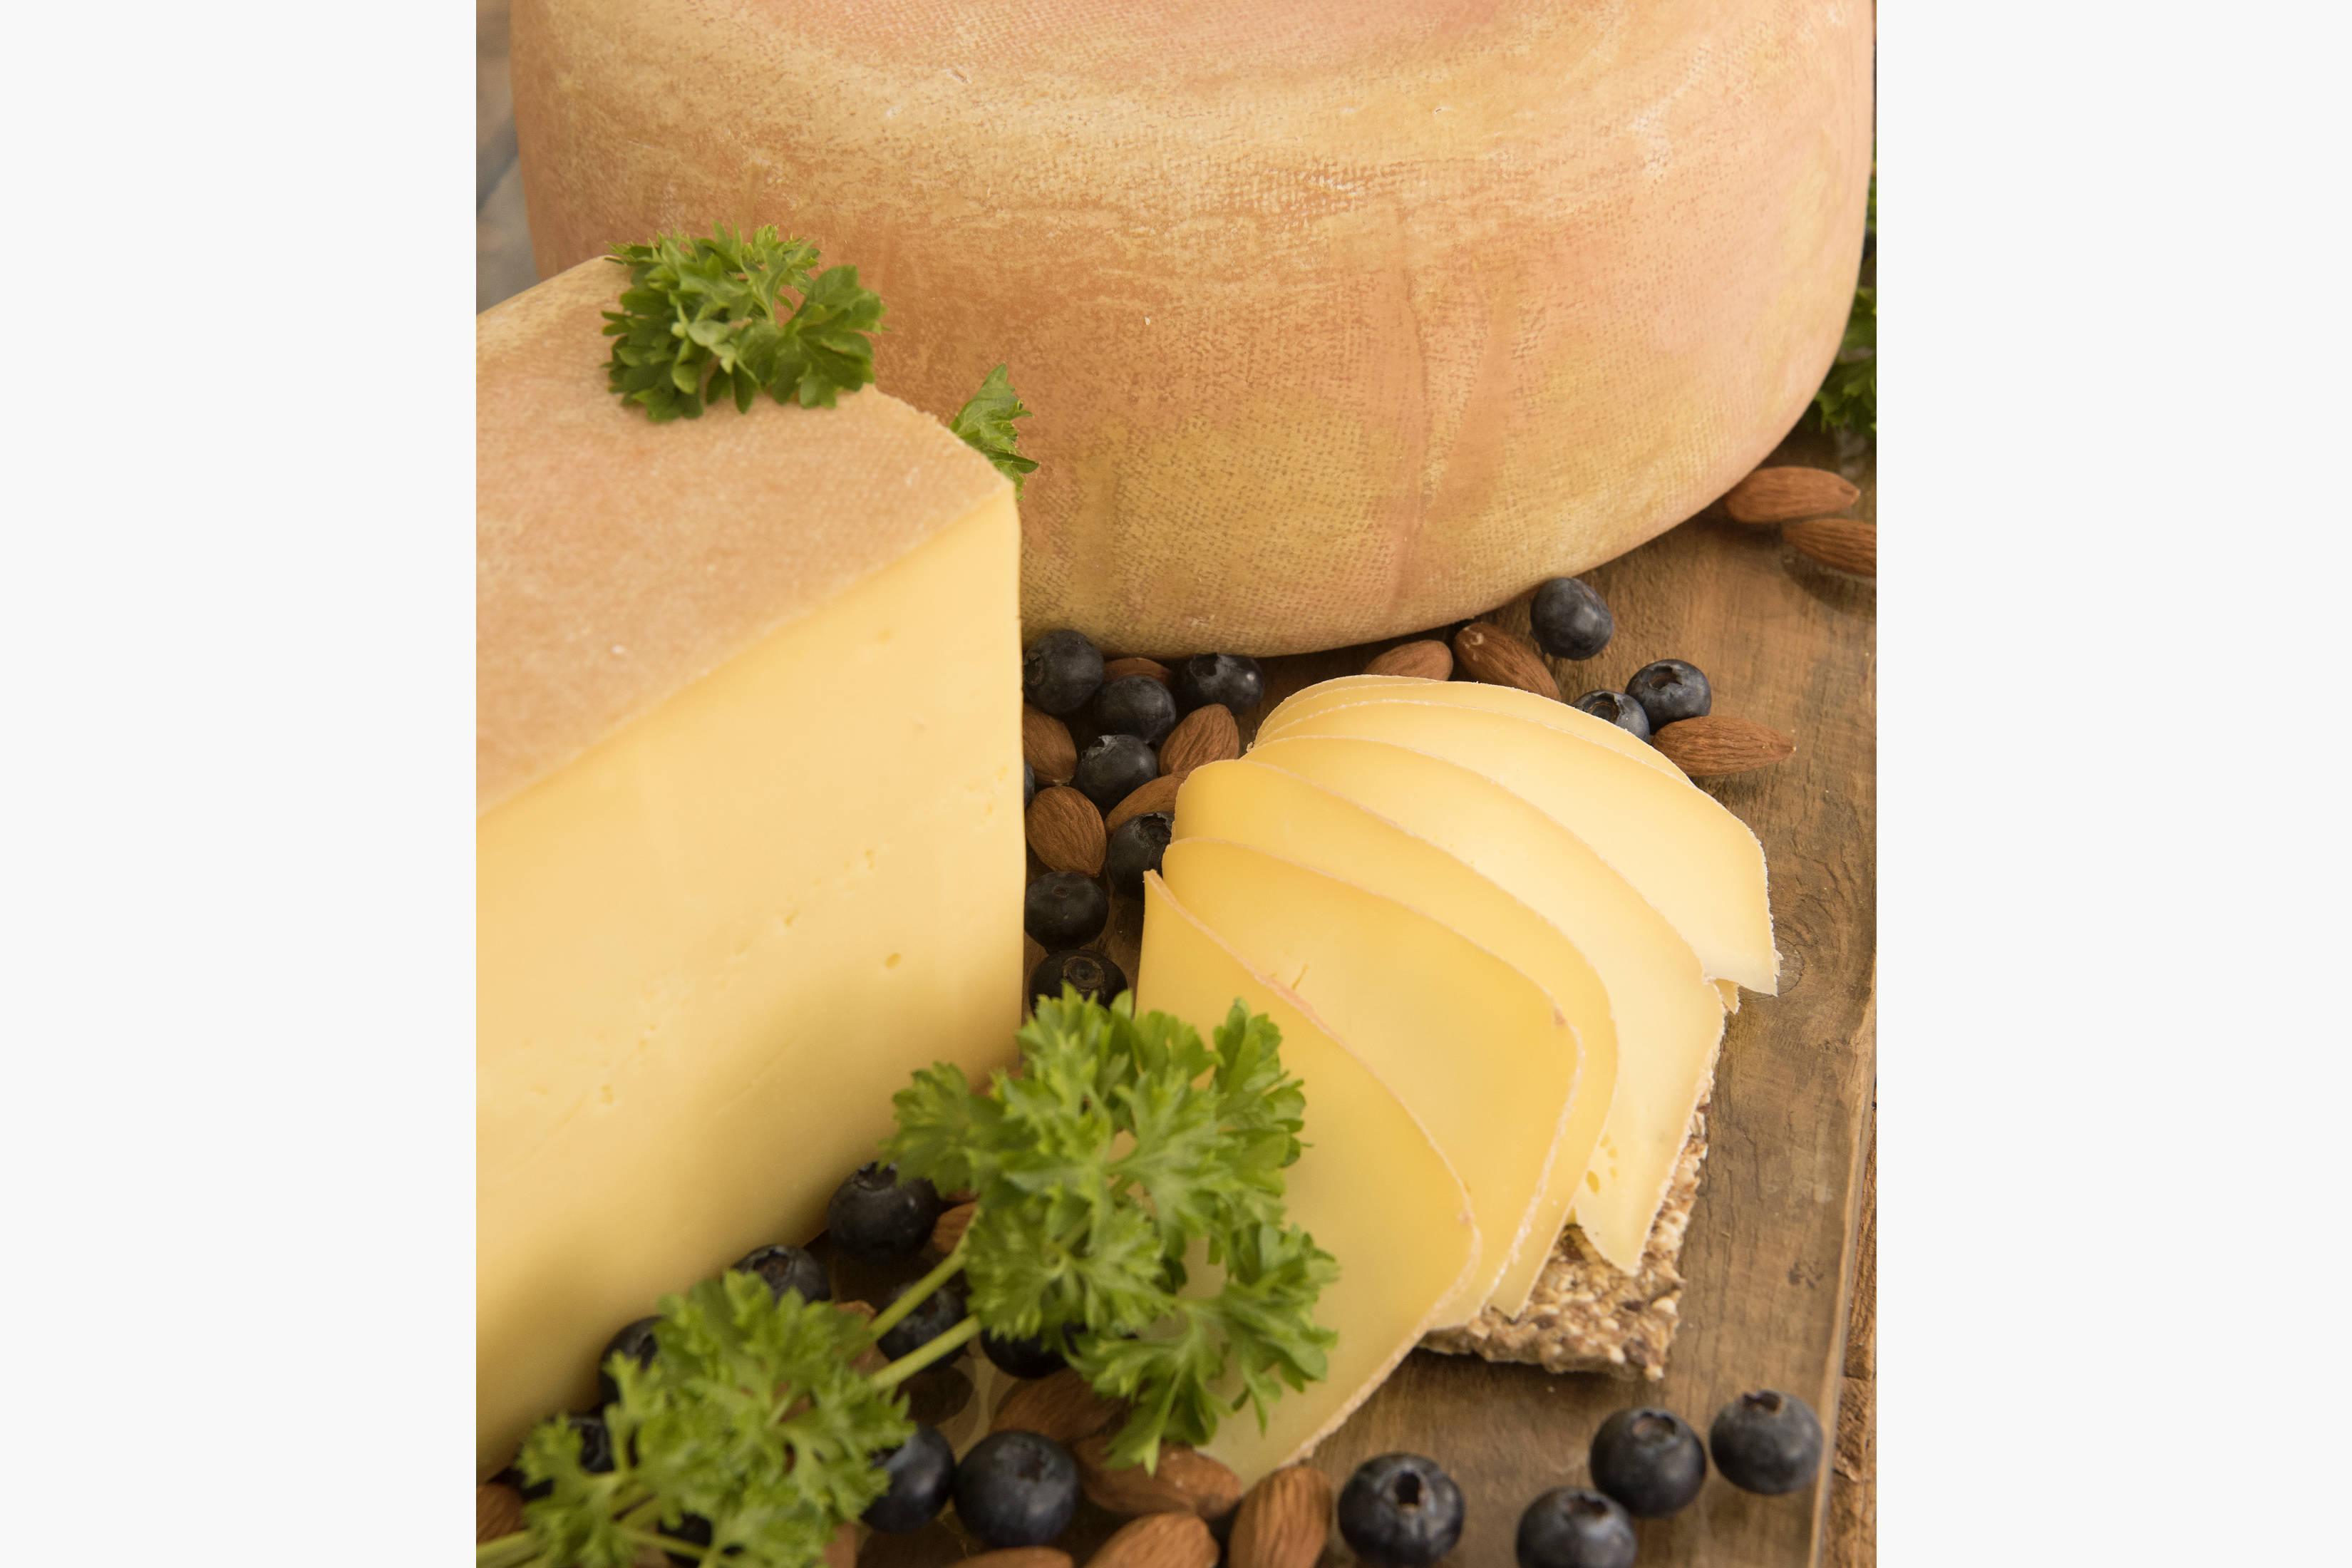 RØDLIN er elsket så vel av kundene på markeder, som av kokkene på restauranter. Osten er en halvfast rødkitt-ost laget etter en Appenzeller-oppskrift fra Sveits. Rødlin er vårt nyeste produkt, kun produsert siden nyttår 2017. Allerede har to restauranter servert Rødlin og Kraftkar på samme ostetallerken. Høsten 2017 fikk vi tildelt spesialitet merke UNIK SMAK på Rødlin, hvor uttalelsen fra juryen var: Denne osten var faktisk mye bedre enn Appenzelleren (smakt opp mot mot Appenzeller 3mnd lagret) og Nydelig ost- her var det mye håndverk og kjærlighet!